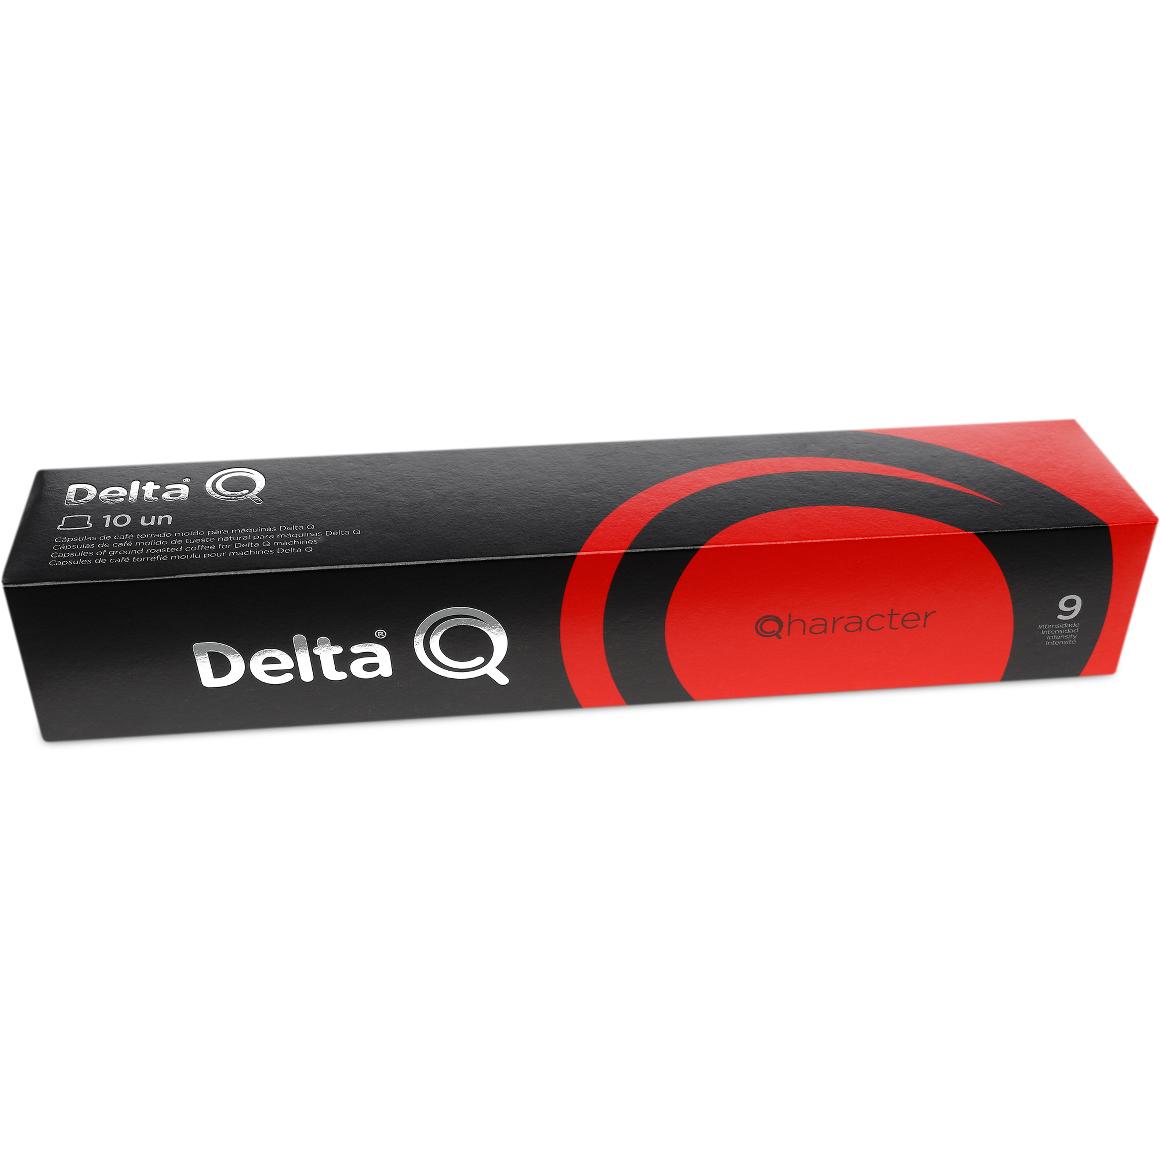 Cápsula de Café Delta Q Qharacter Intensidade 9 - 10 Cápsulas